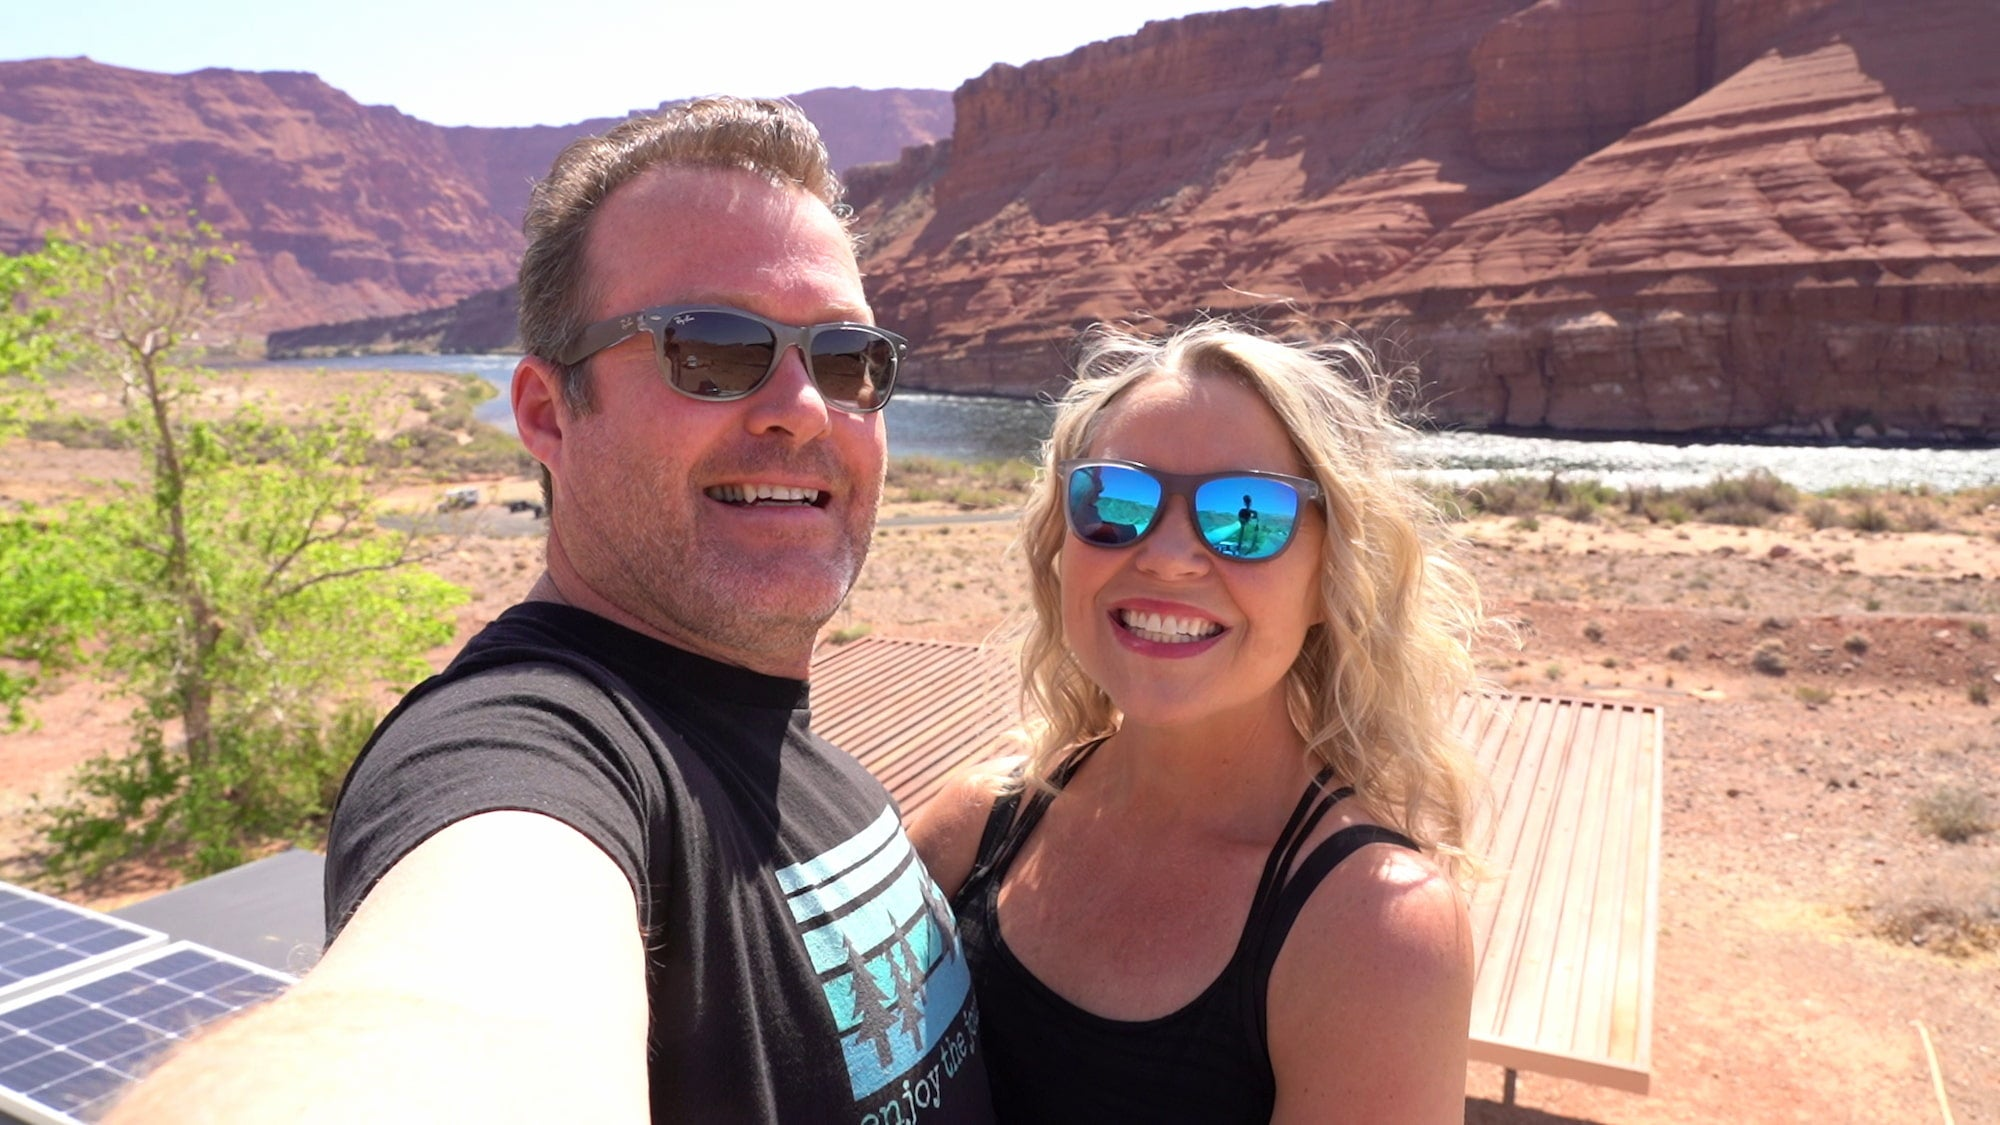 Tom and Cheri of Enjoy The Journey Life in the desert.